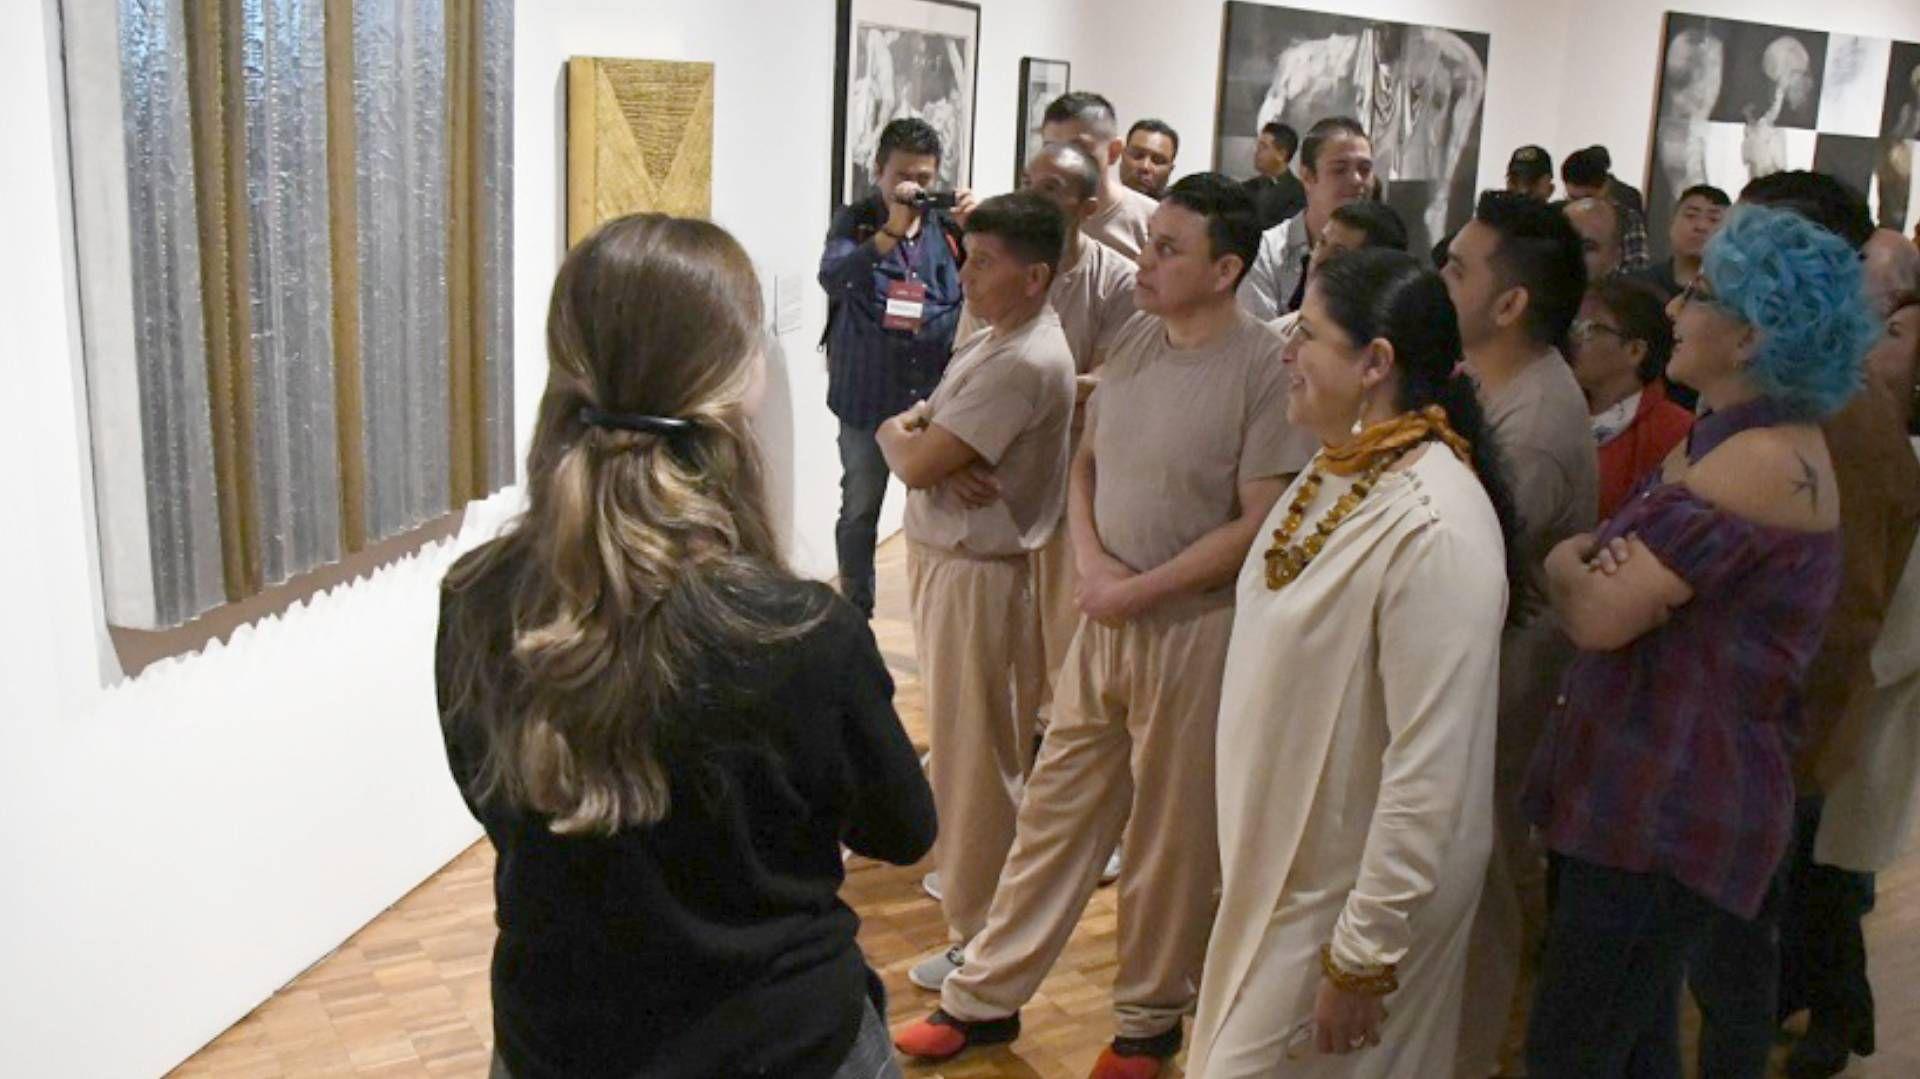 Integrantes del proyecto Kolëctiv.feat tuvieron una visita guiada por la exposición Territorios de la memoria. (Foto: Francisco Segura/ Conaculta)